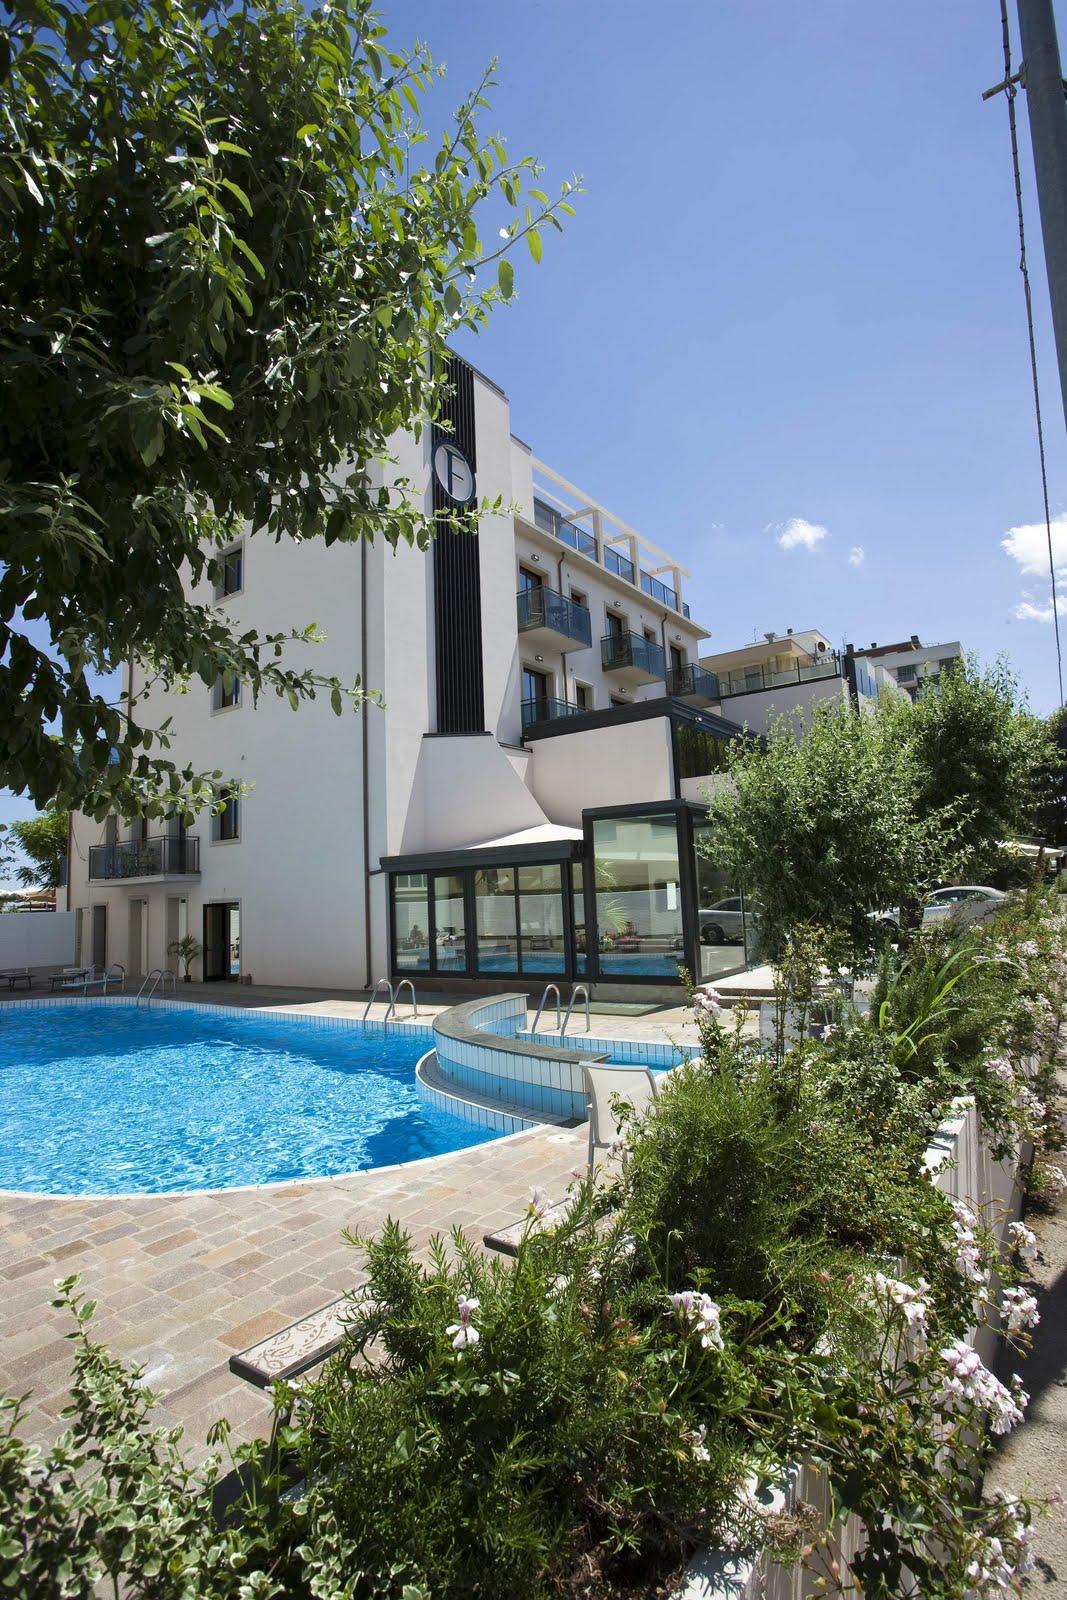 Hotel rimini 4 stelle recensioni e giudizi sull 39 hotel for Hotel 4 stelle barcellona centro